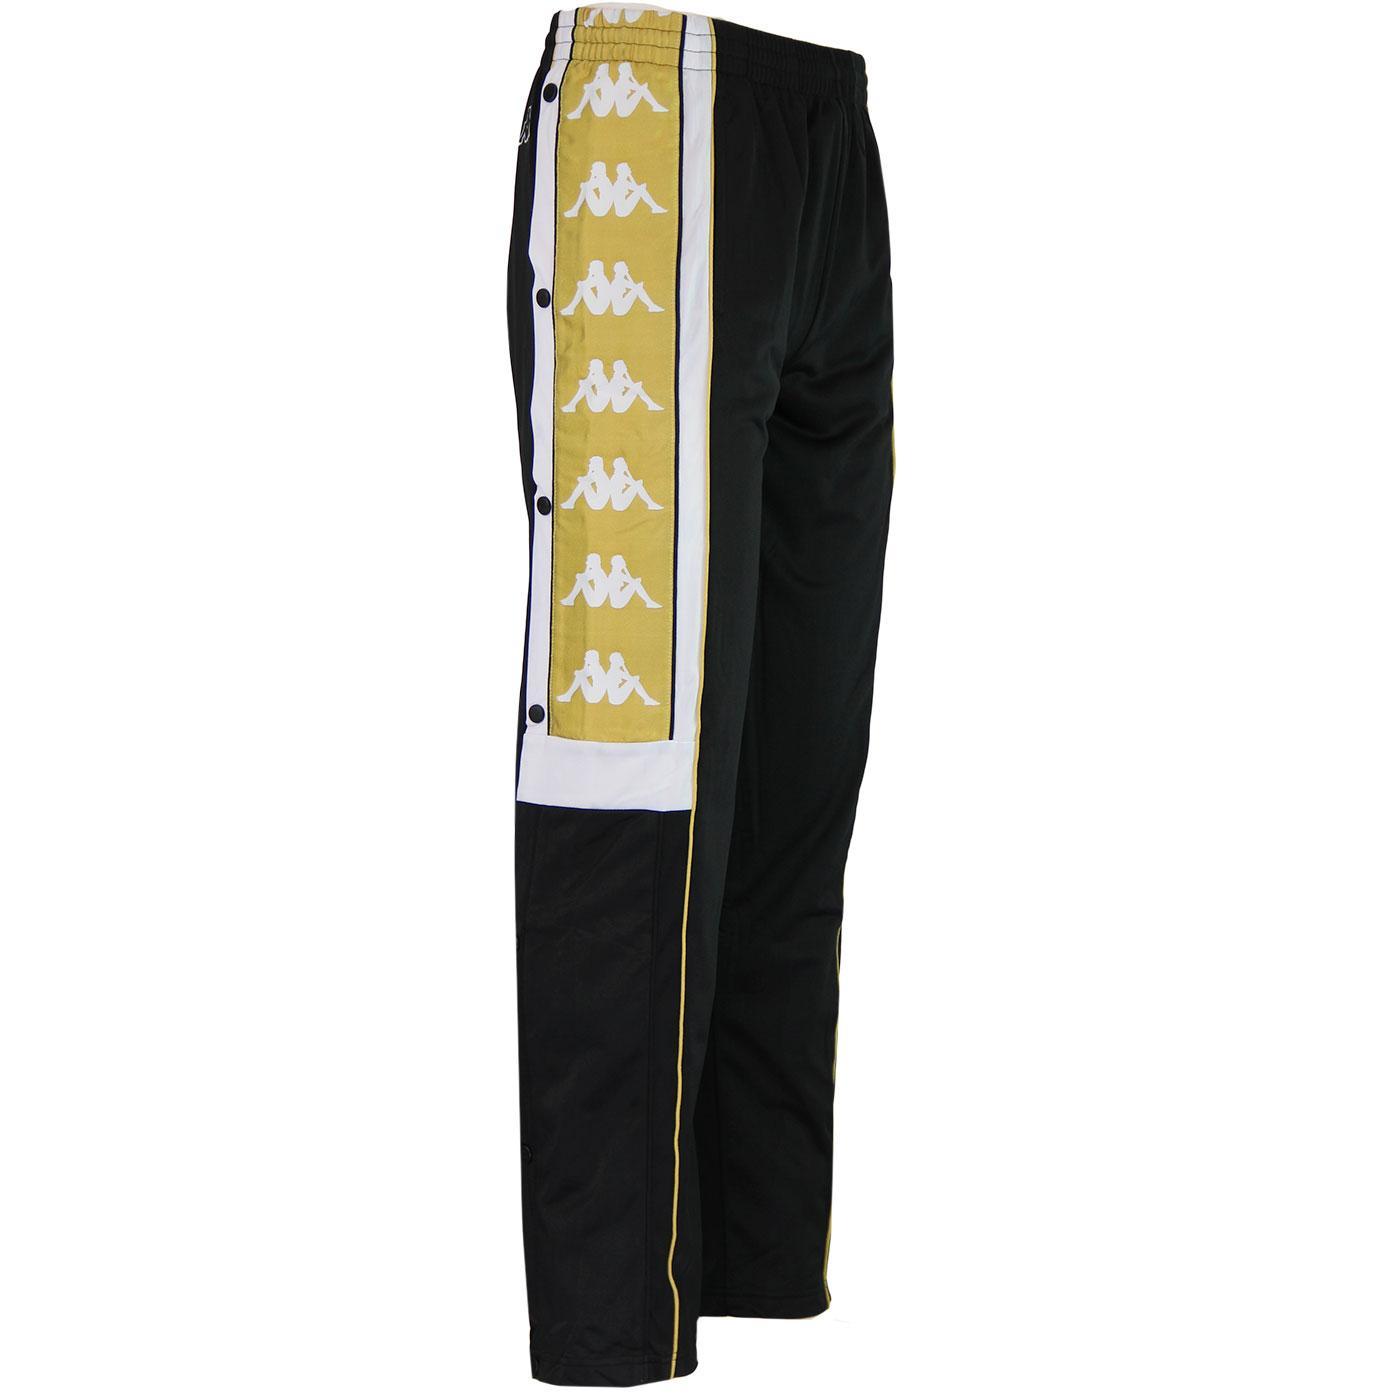 85b55d9cf8 KAPPA Banda Arpan Retro Popper Track Pants in Black/Gold